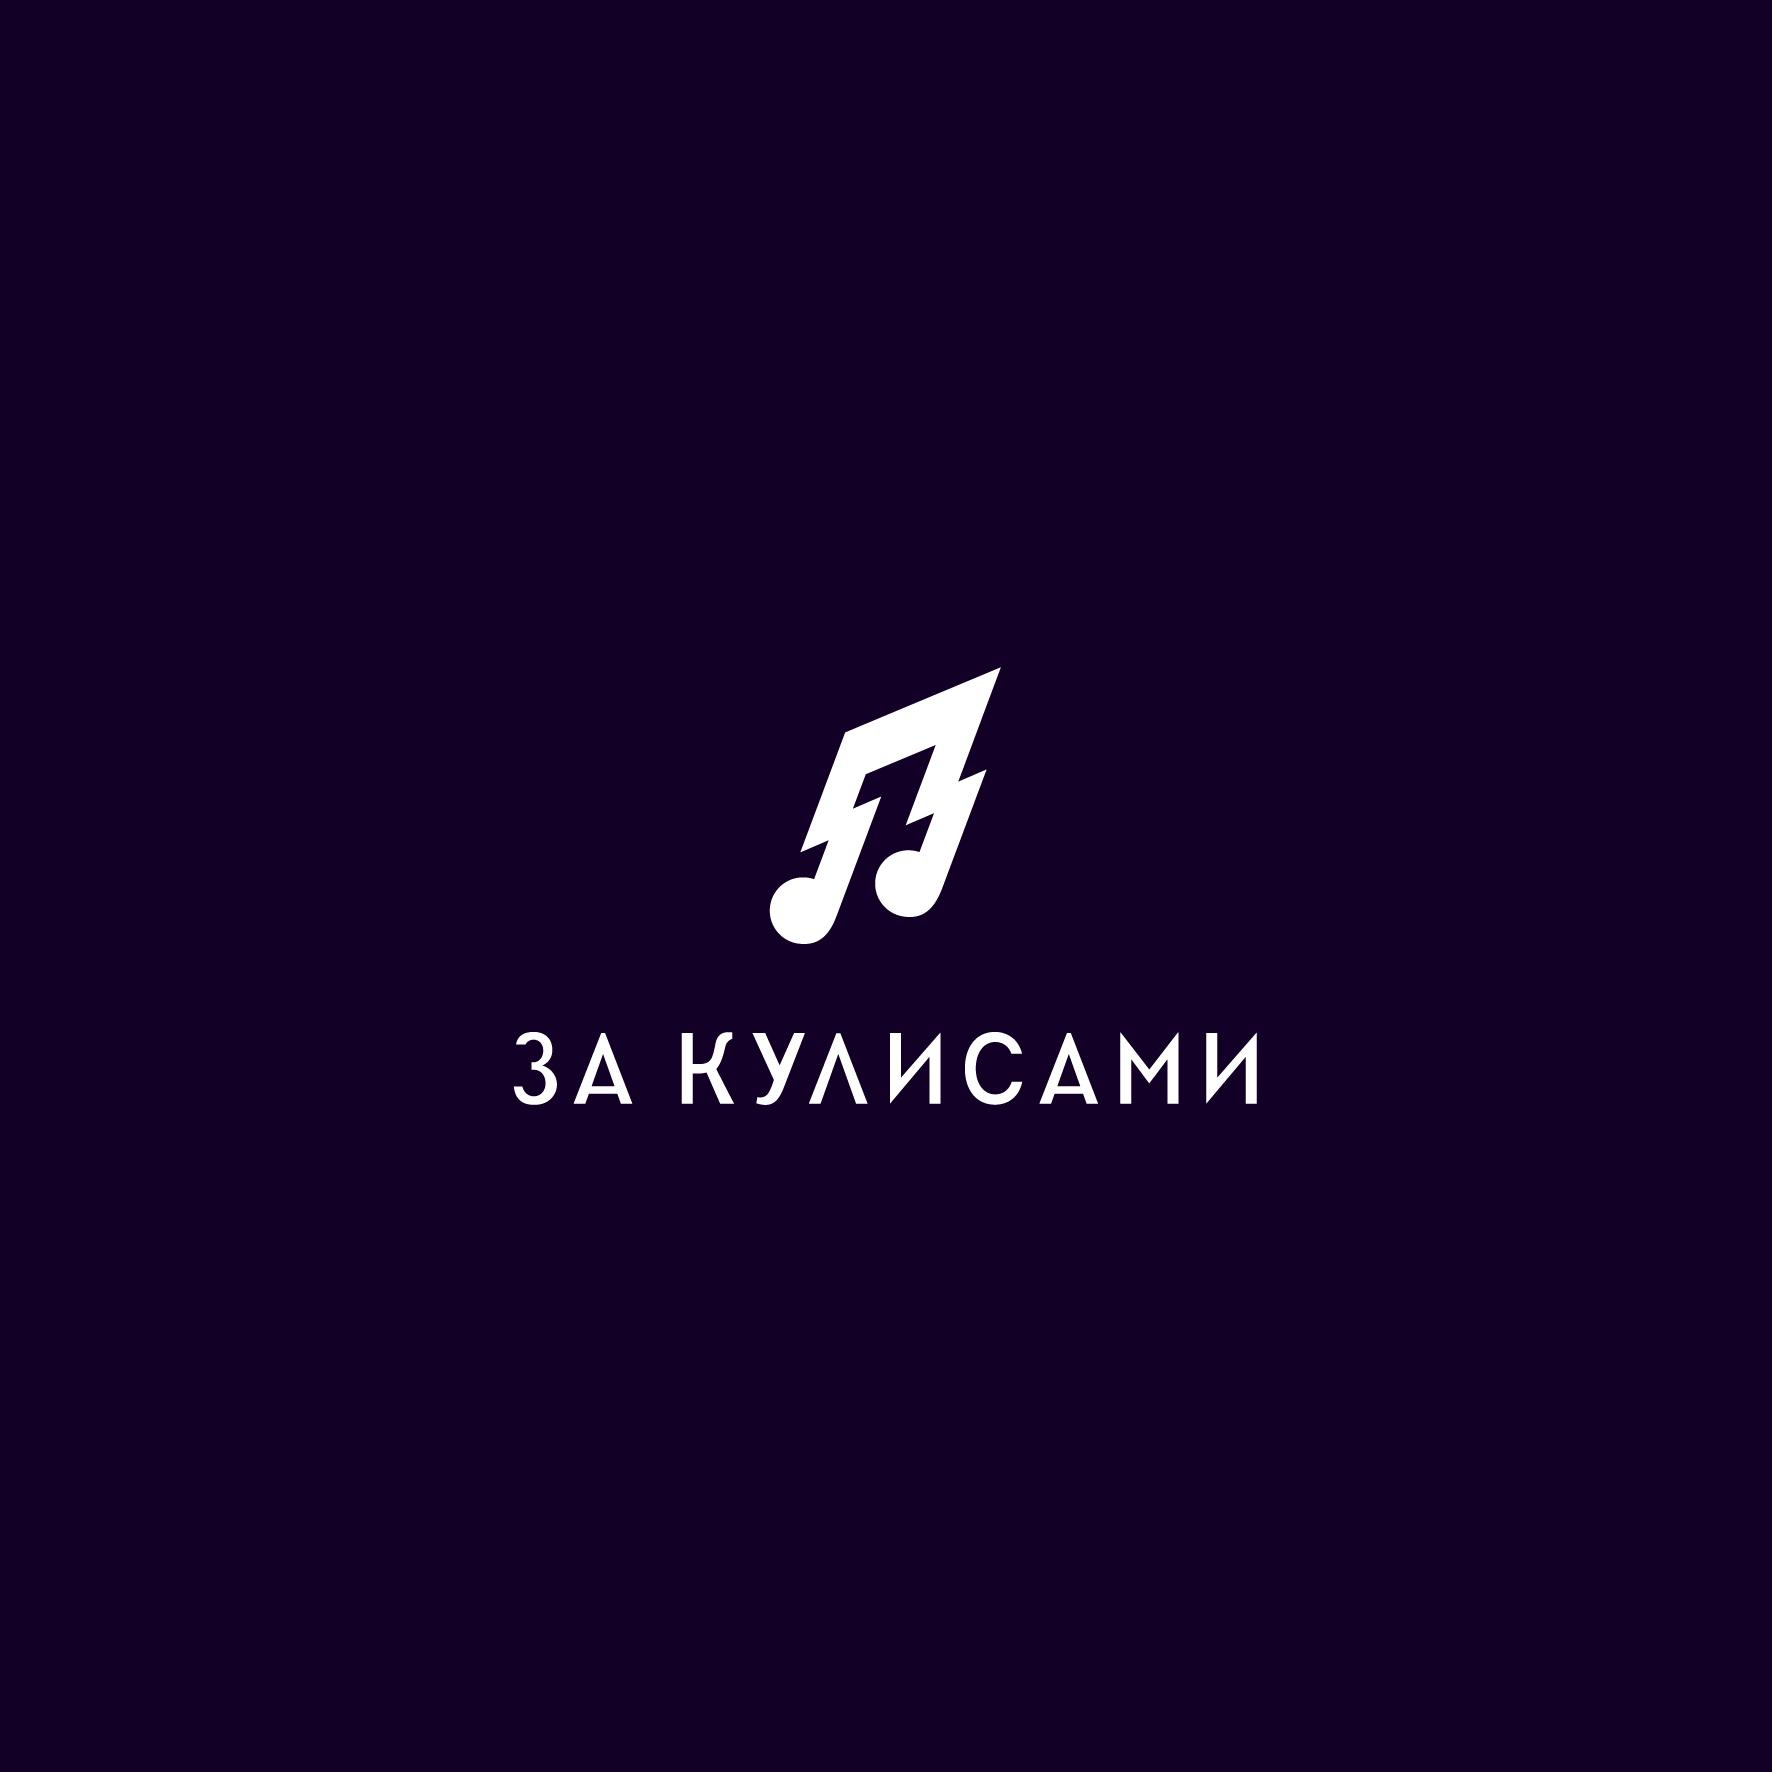 Логотип , фирменный стиль  фото f_5255e187c4a497c4.jpg